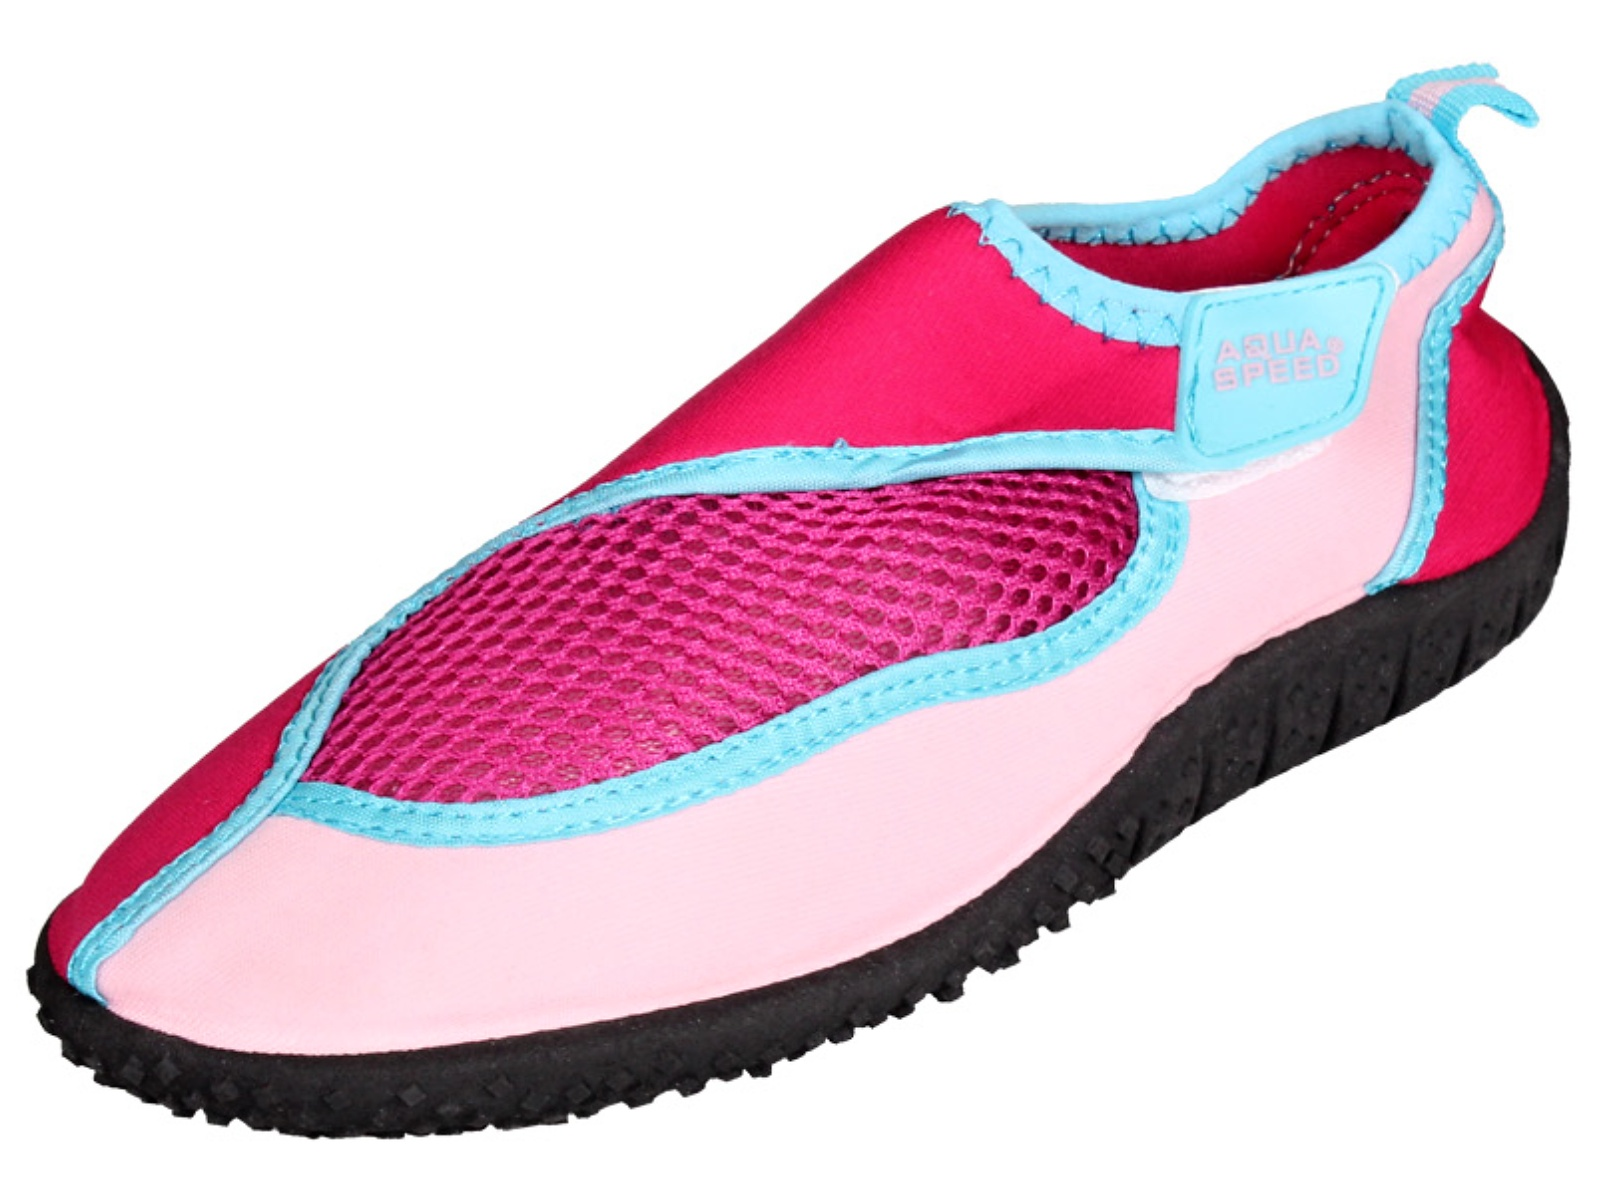 Topánky do vody AQUA-SPEED 26C detské ružové - veľ. 36